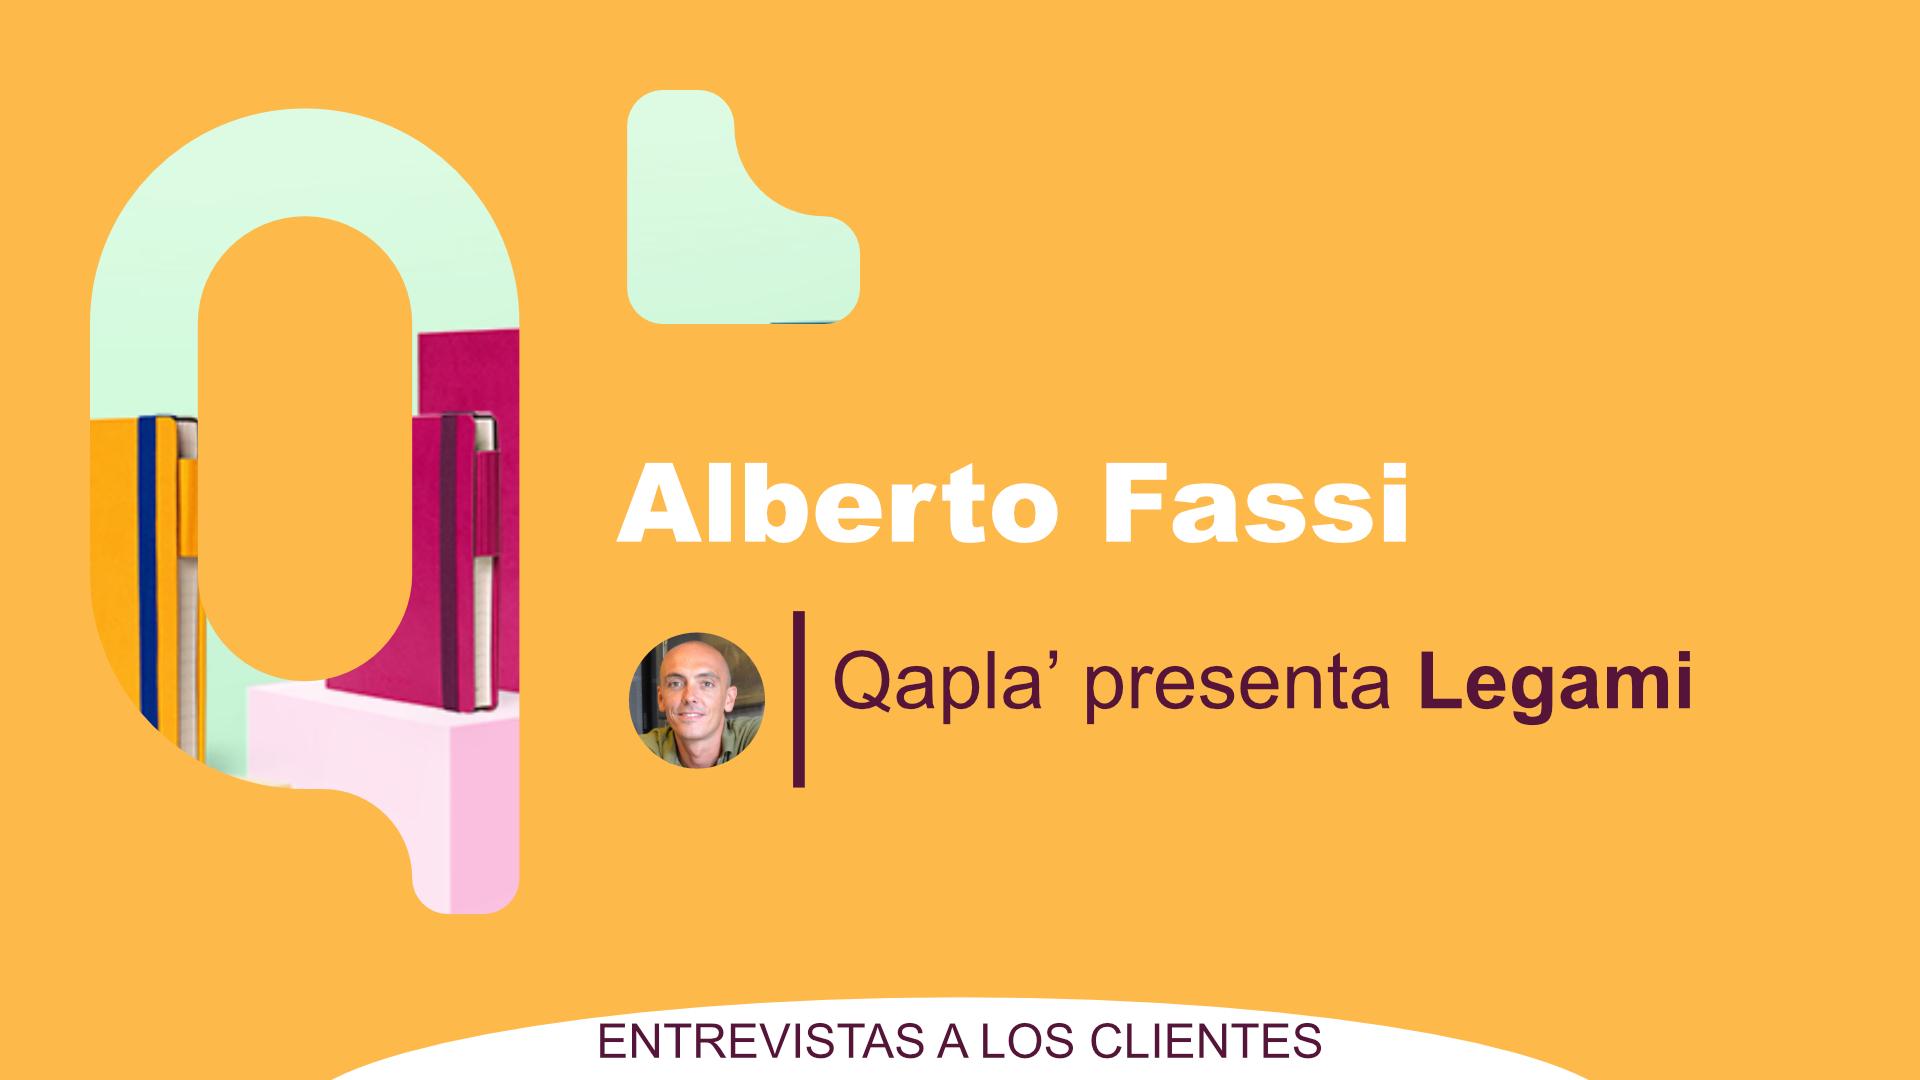 Qapla' presenta Legami: Entrevista a Alberto Fassi